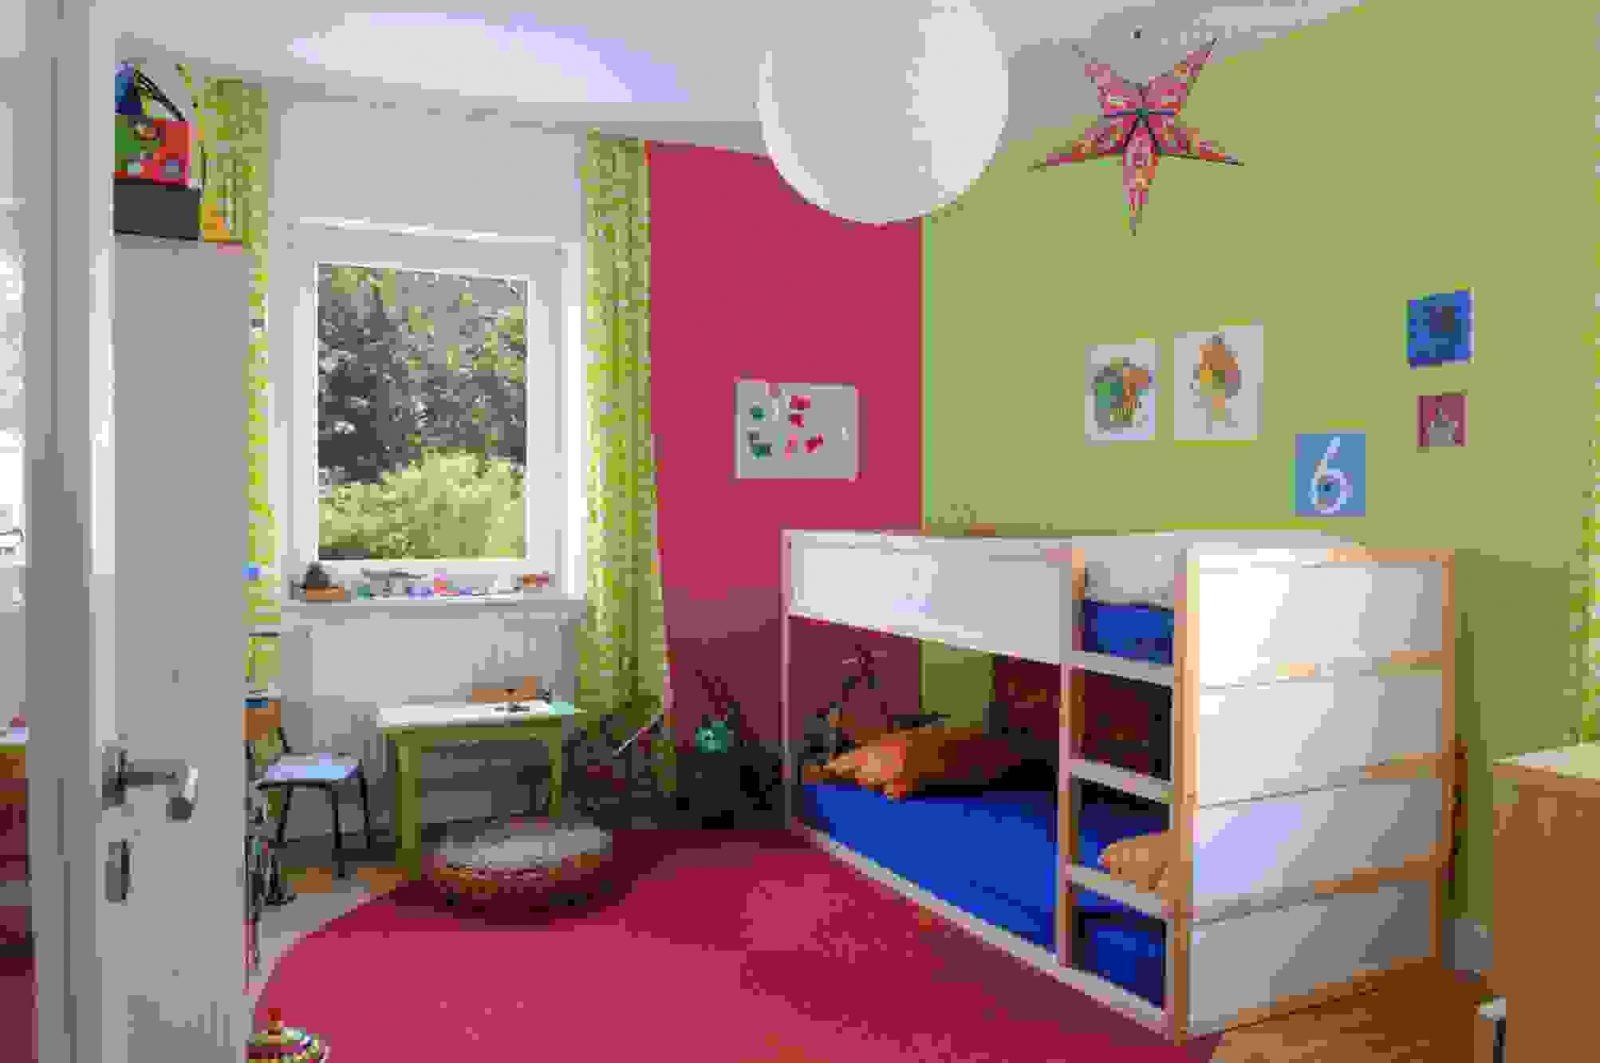 Kinderzimmer Einrichten Junge Bild F R Kinderzimmer Junge Das Beste von Ideen Für Kinderzimmer Junge Bild